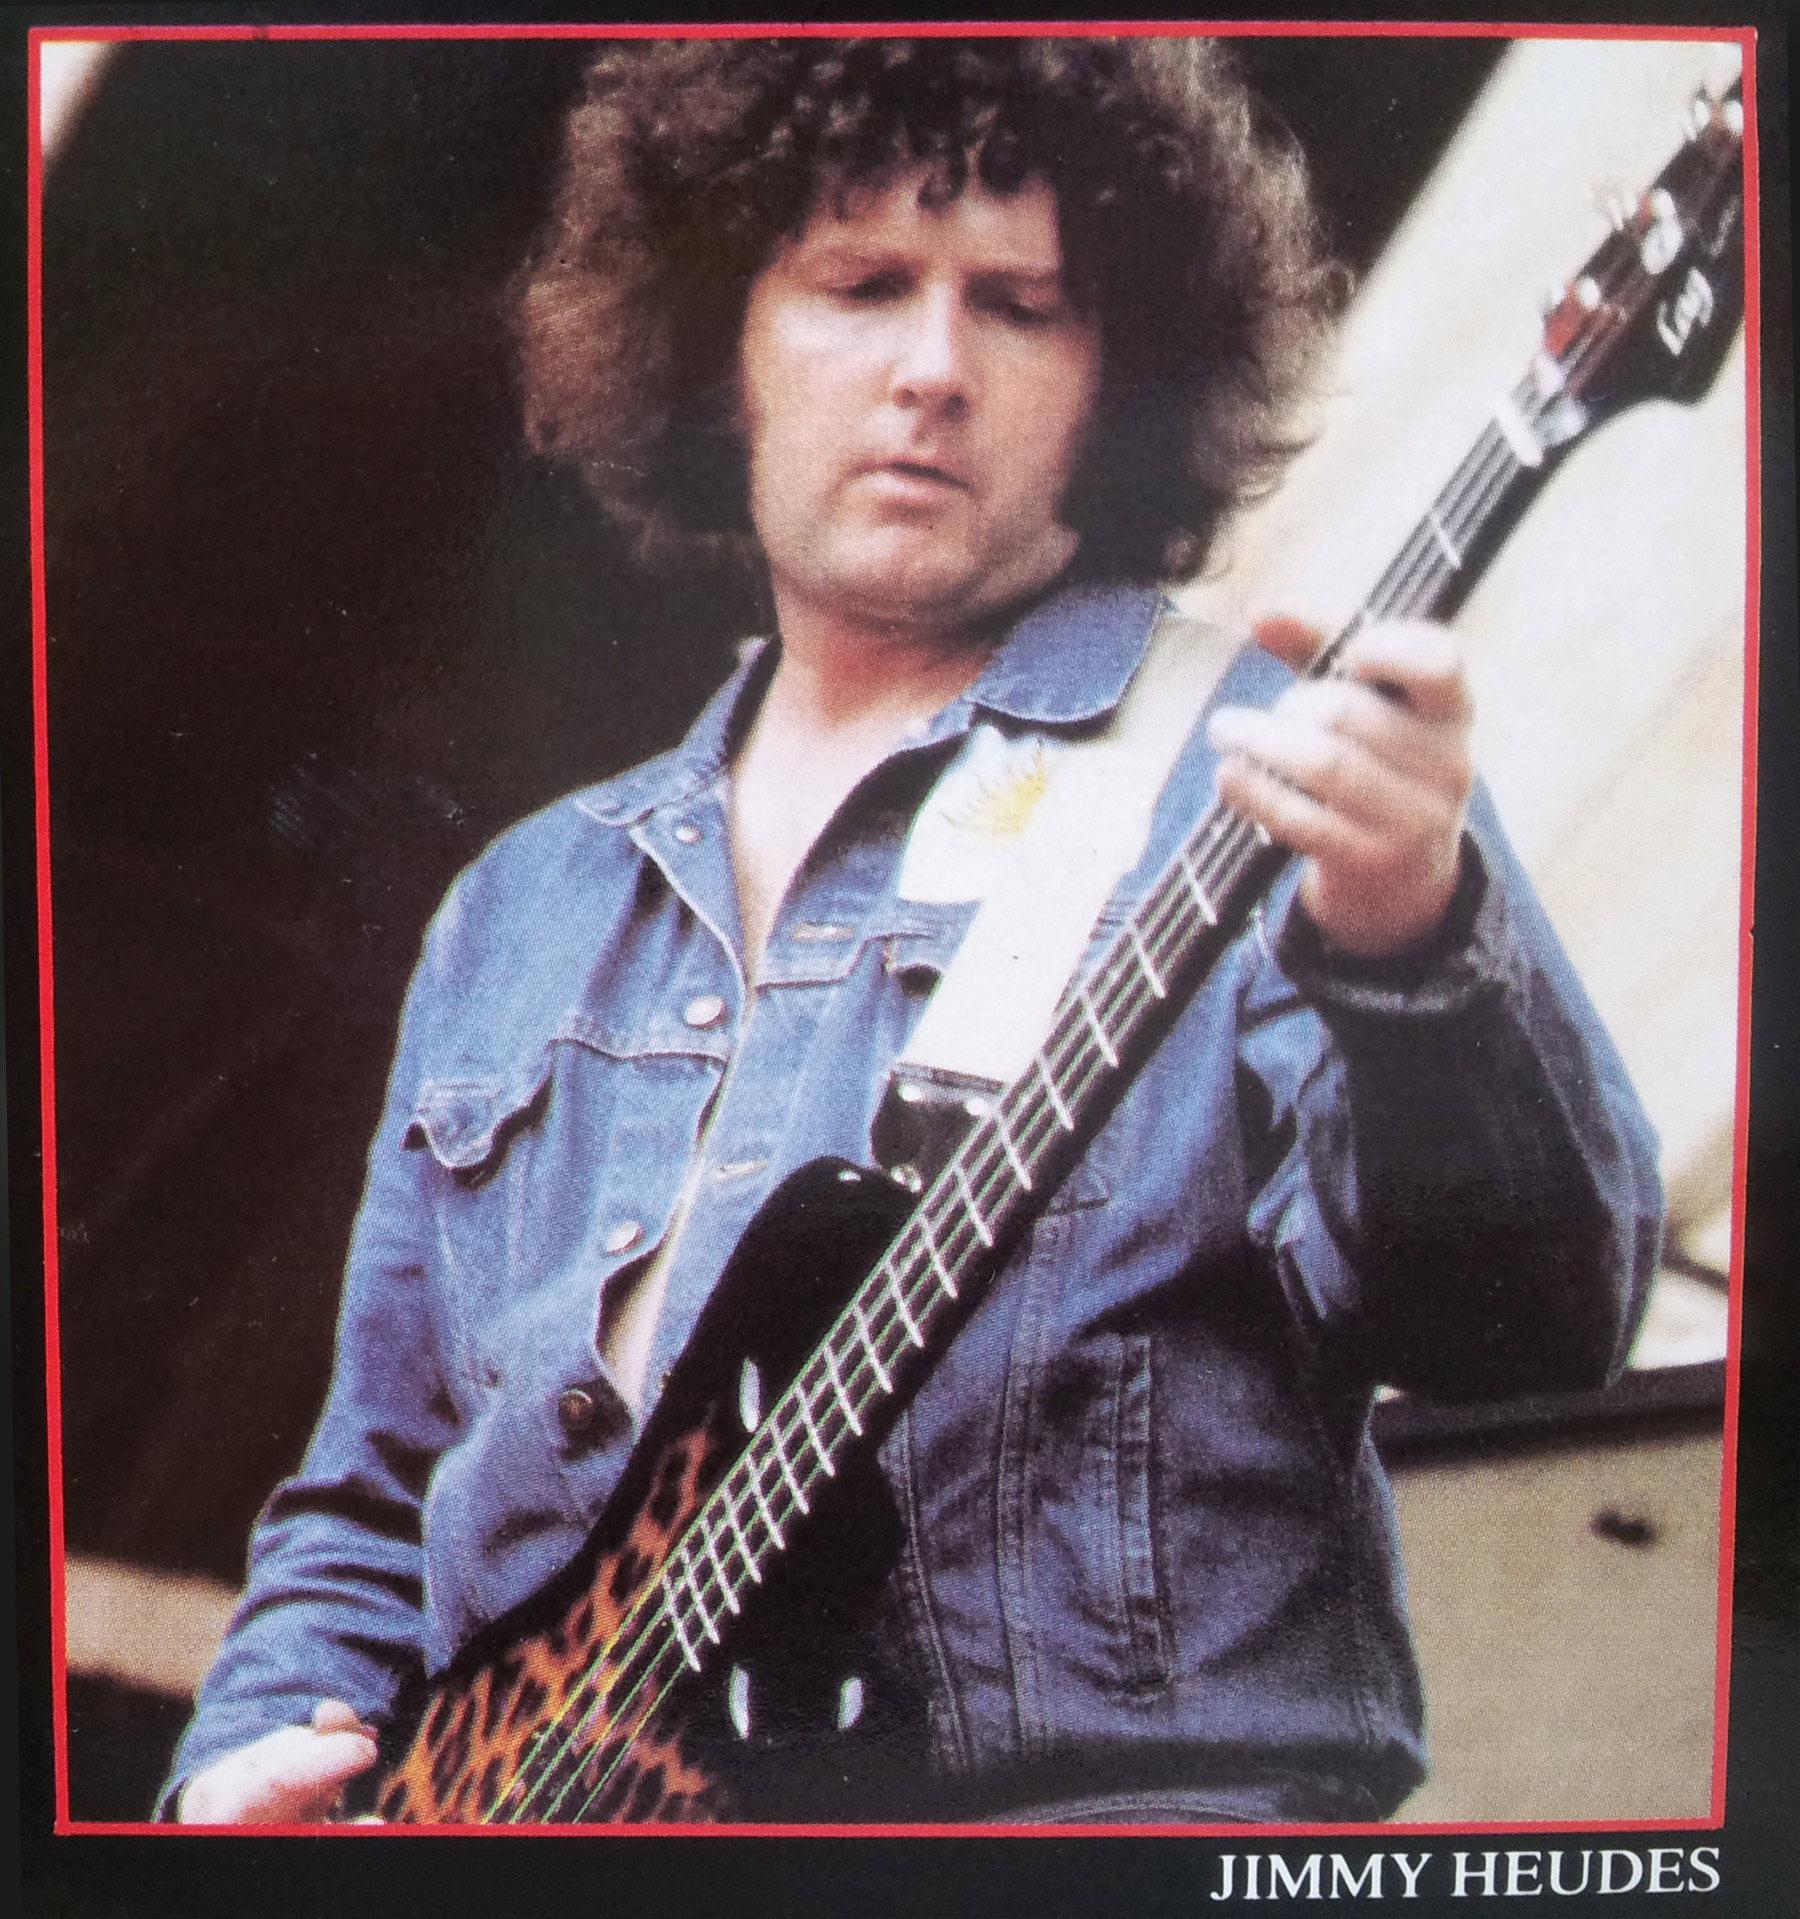 DUM DUM BULLET 1er album (1986) 33 tours - le vinyle vu de plus près ...   Dum_du17